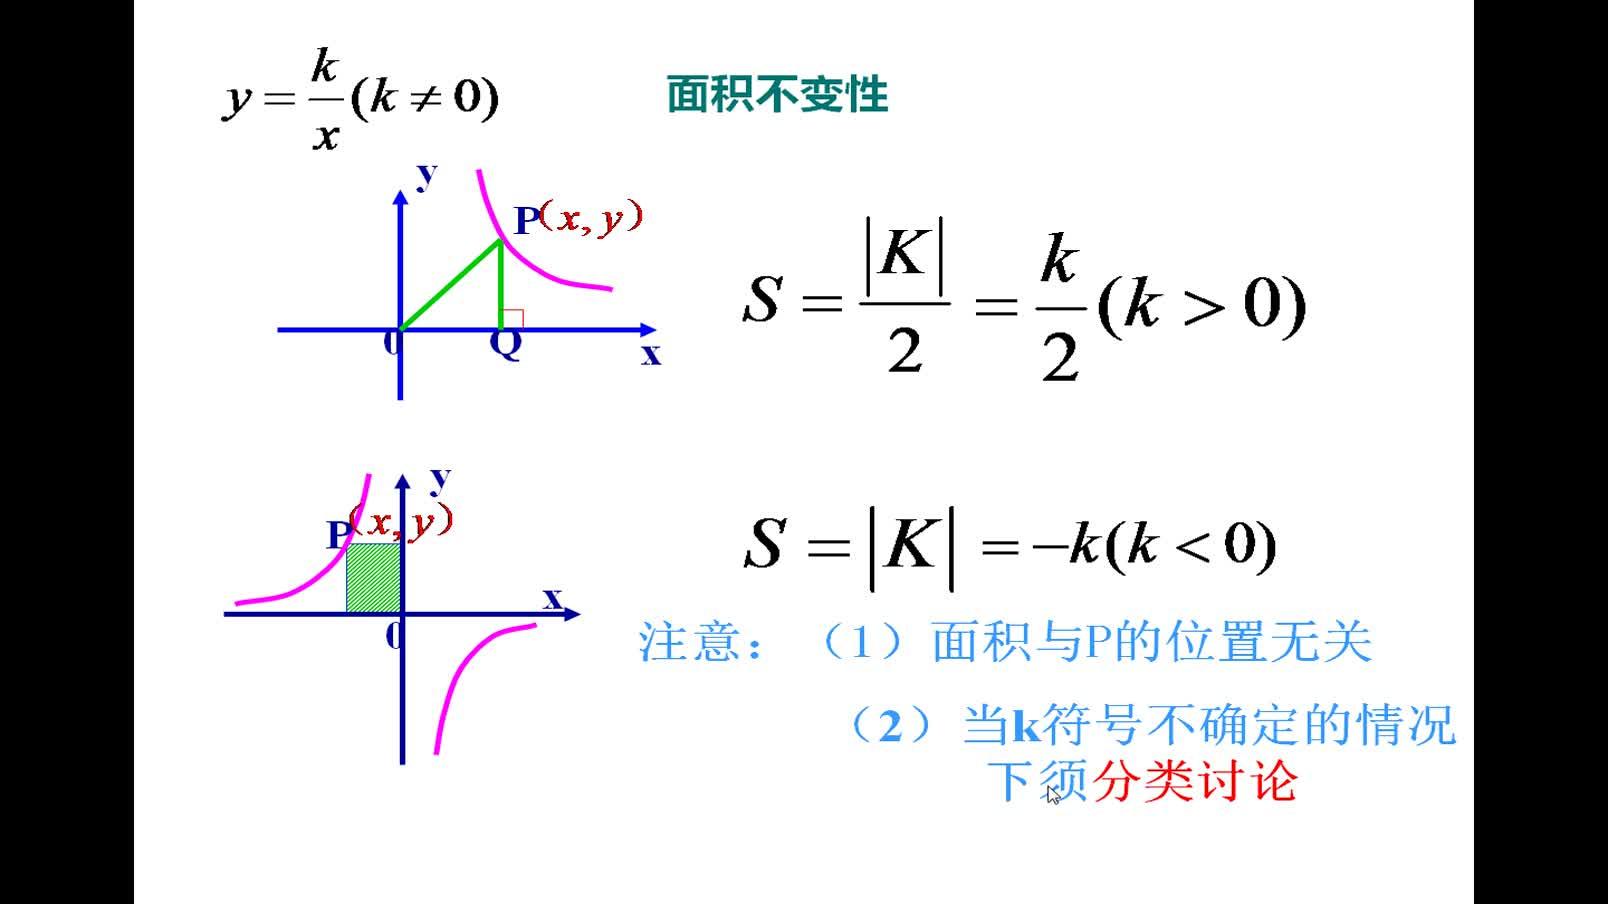 人教版 九年级数学下册 26.1反比例函数与面积